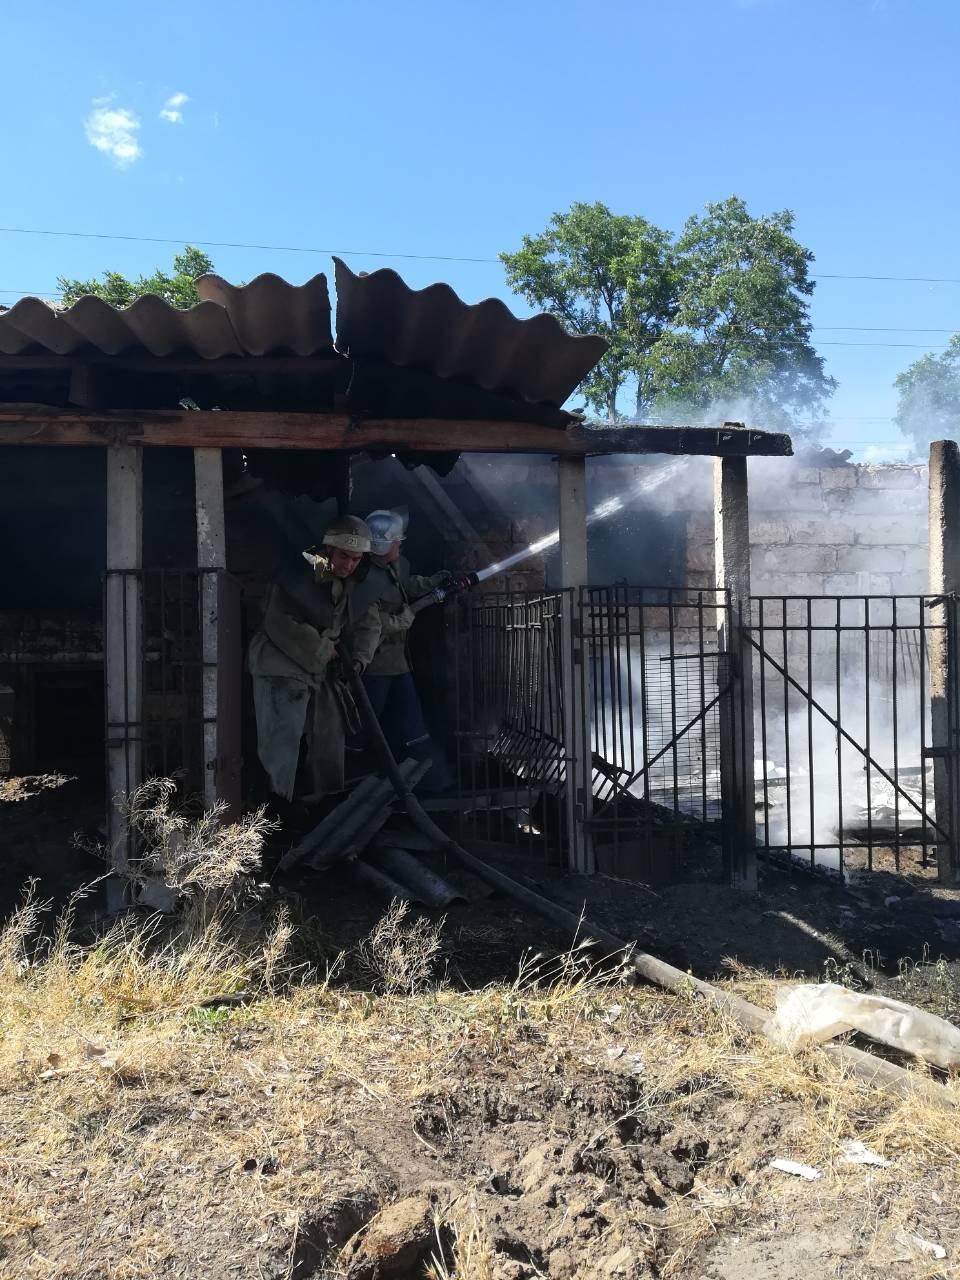 В Казачьих Лагерях кто-то сжег сарай с добром